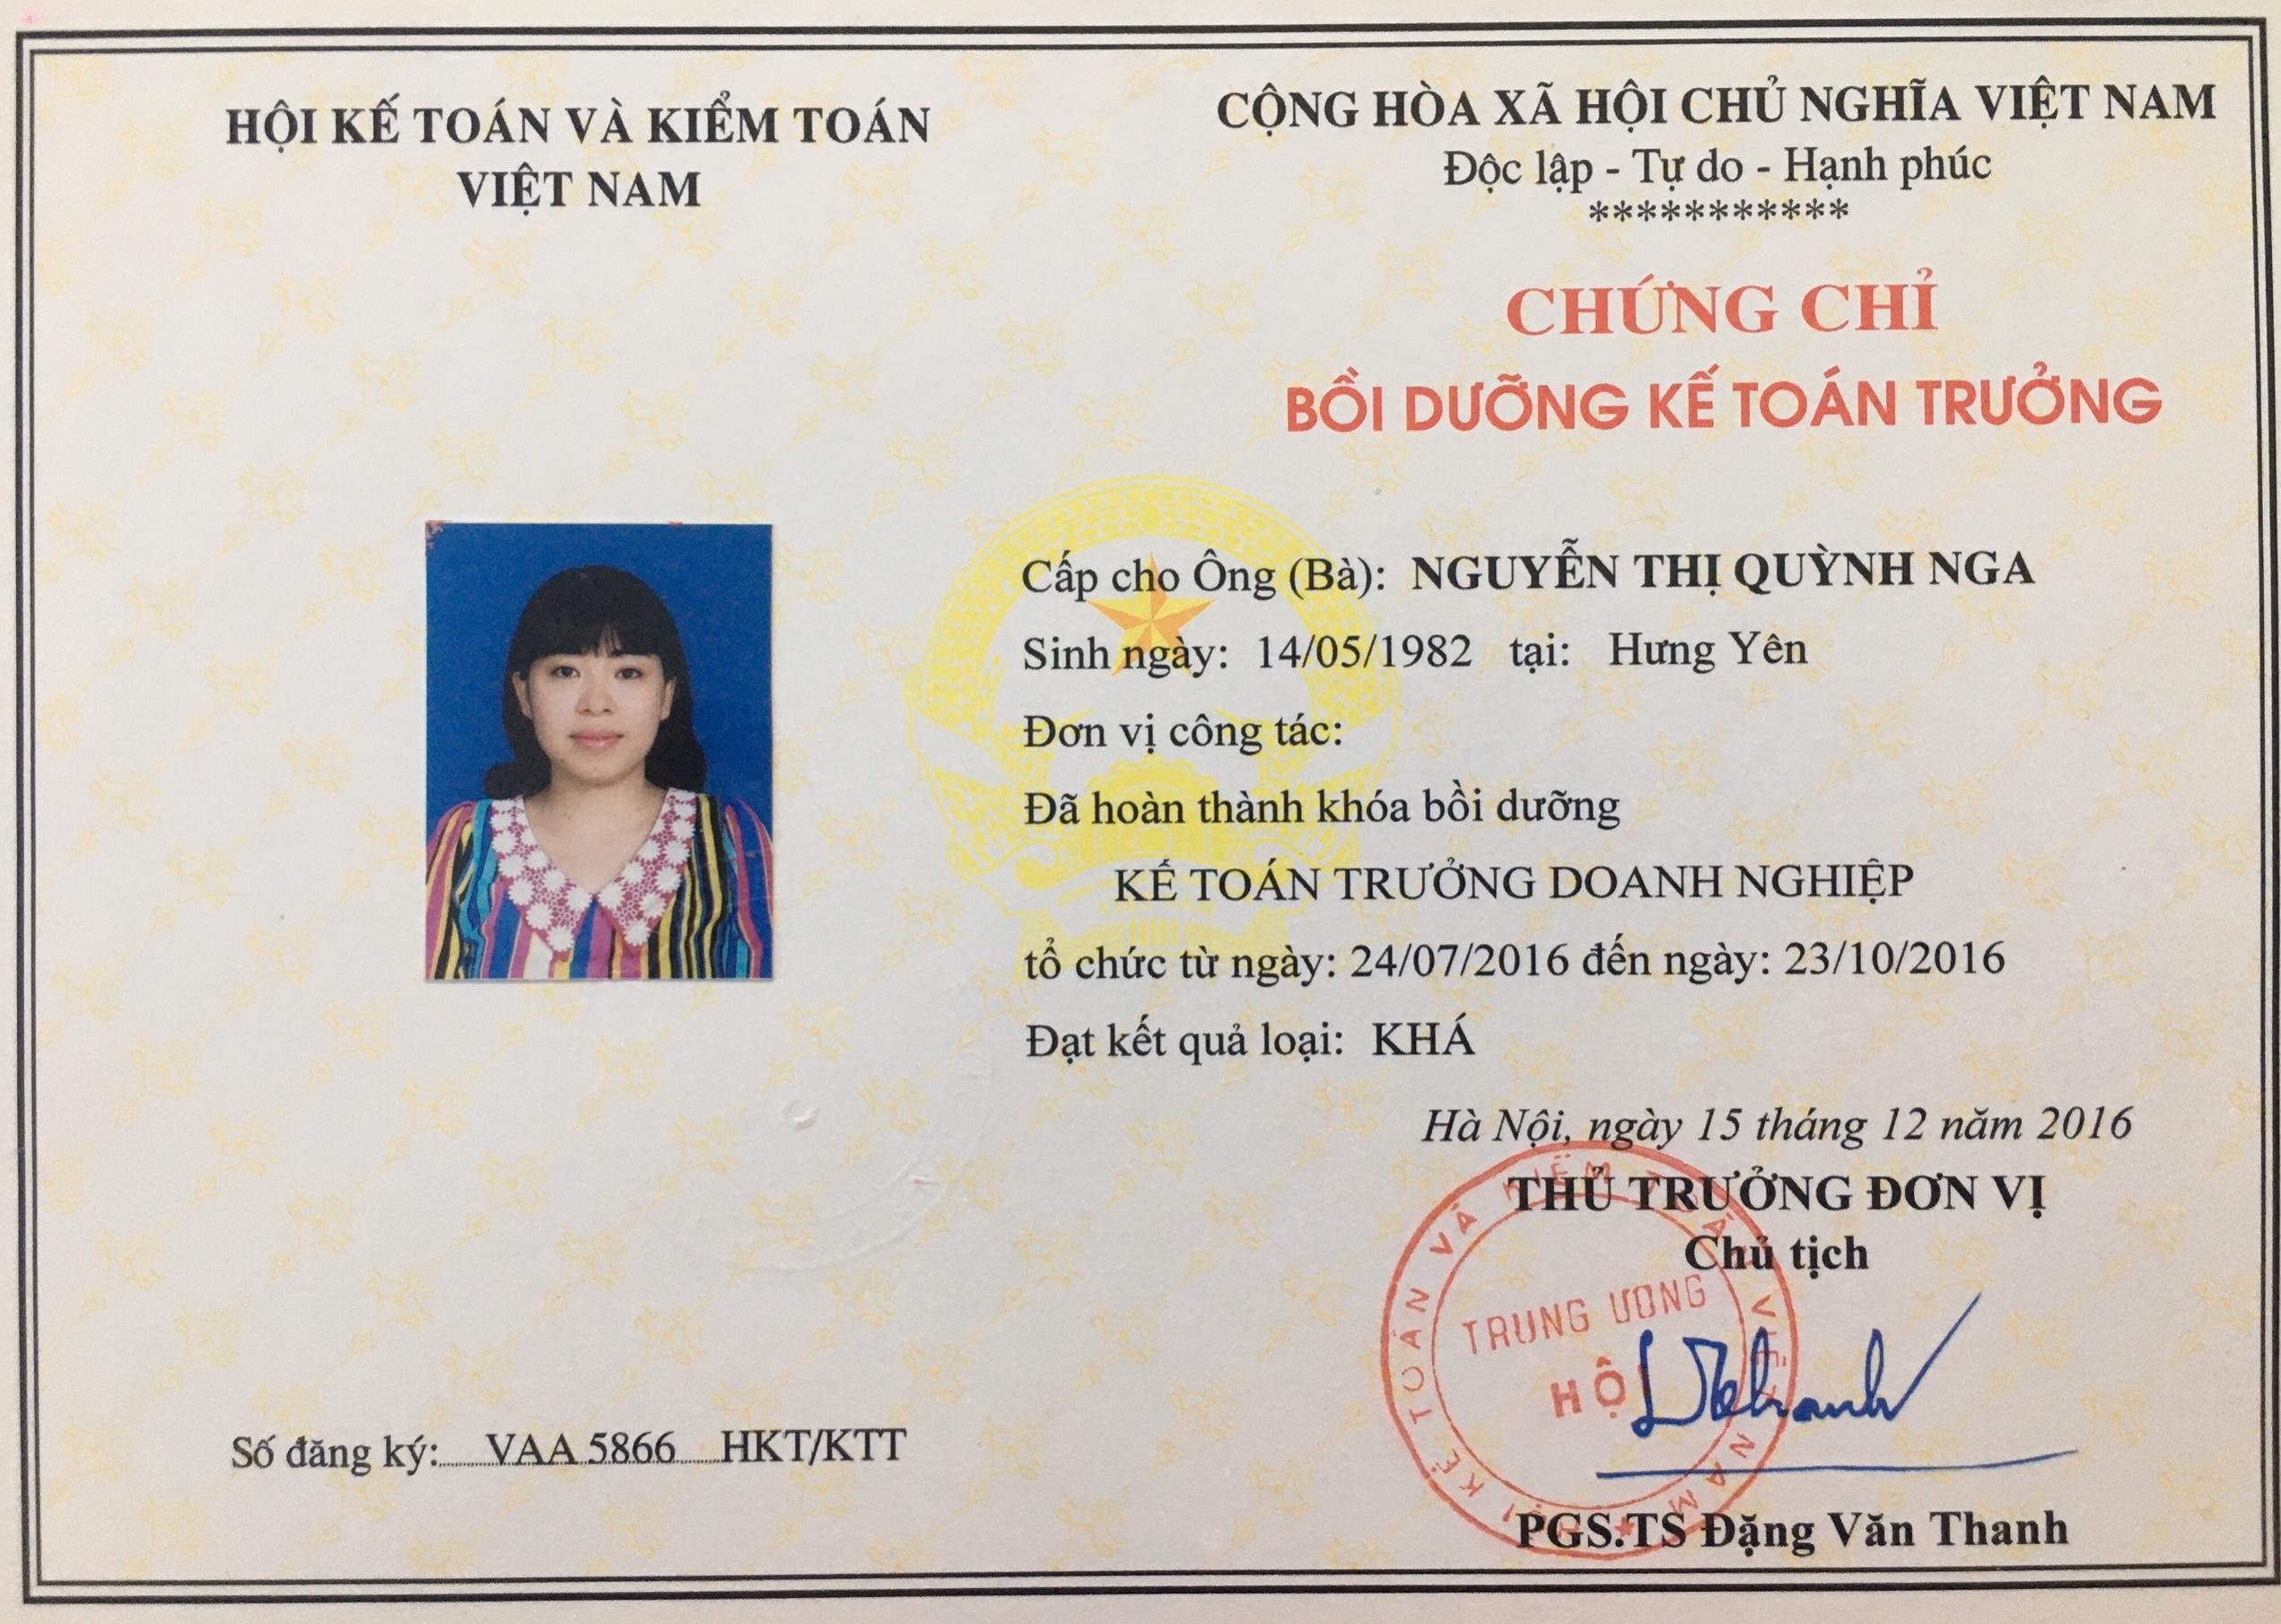 Trung tâm đào tạo kế toán trưMẫu chứng chỉ kế toán trưởng do Hội Kế toán và Kiểm toán Việt Nam cấp.ởng tại Vĩnh Phúc